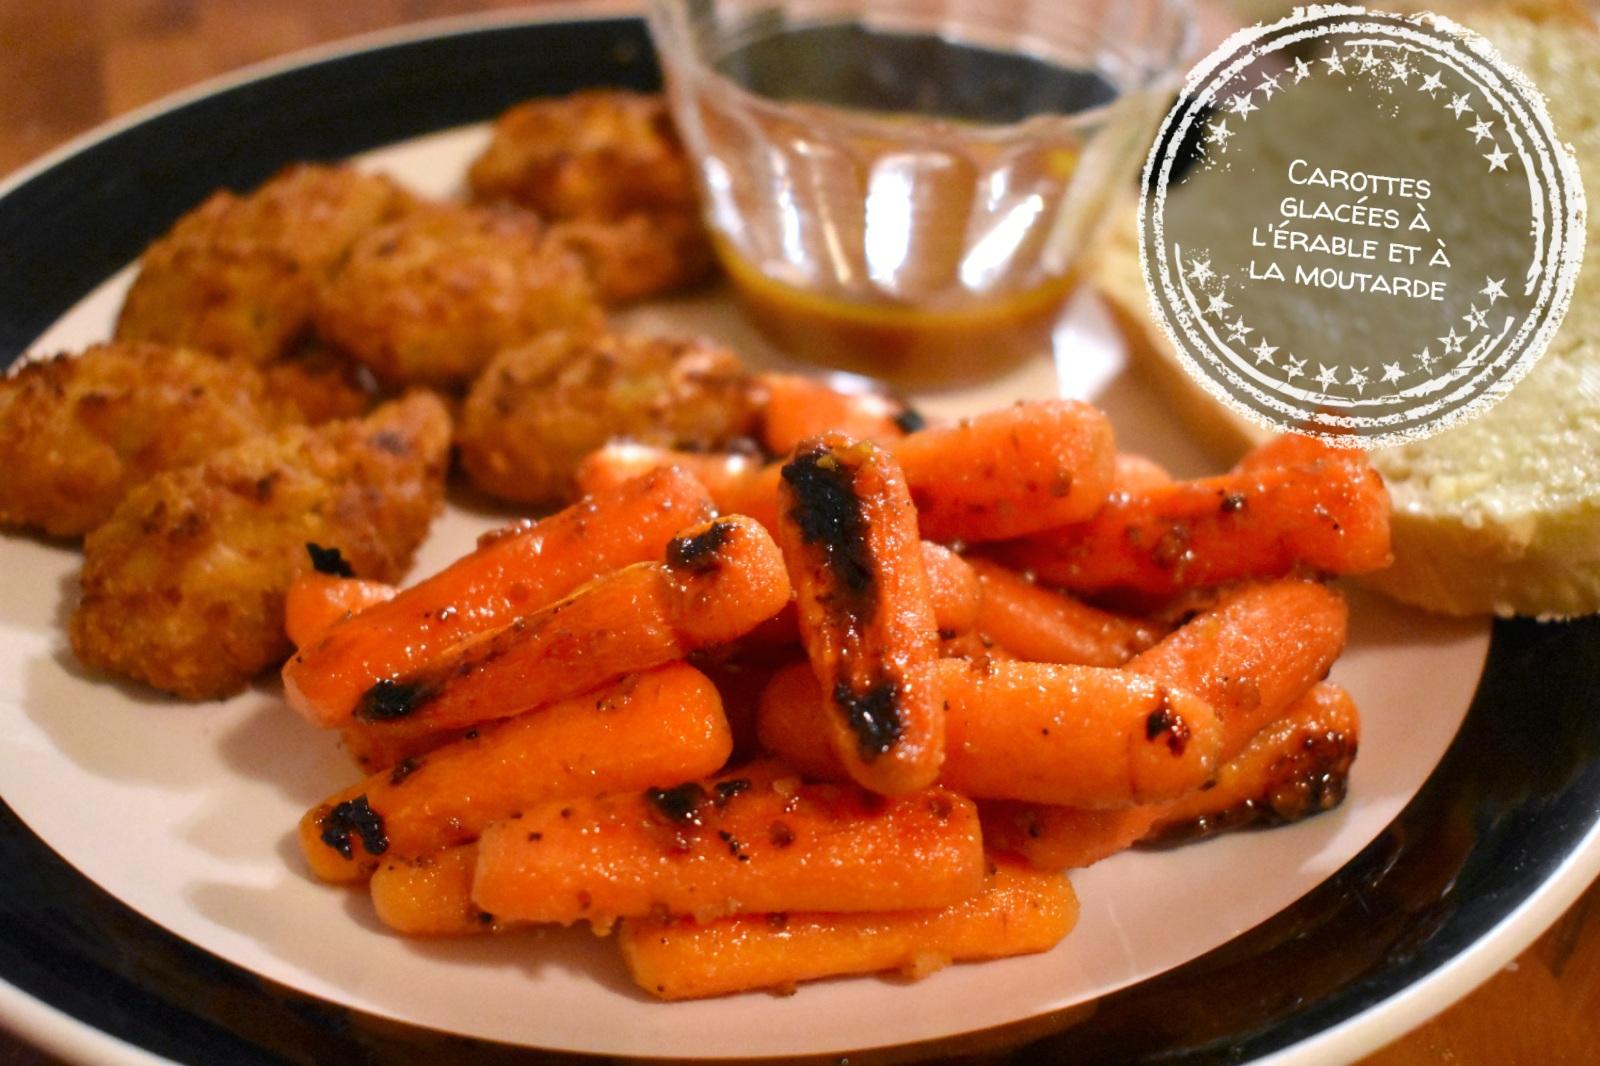 Carottes glacées à l'érable et à la moutarde - Auboutdelalangue.com